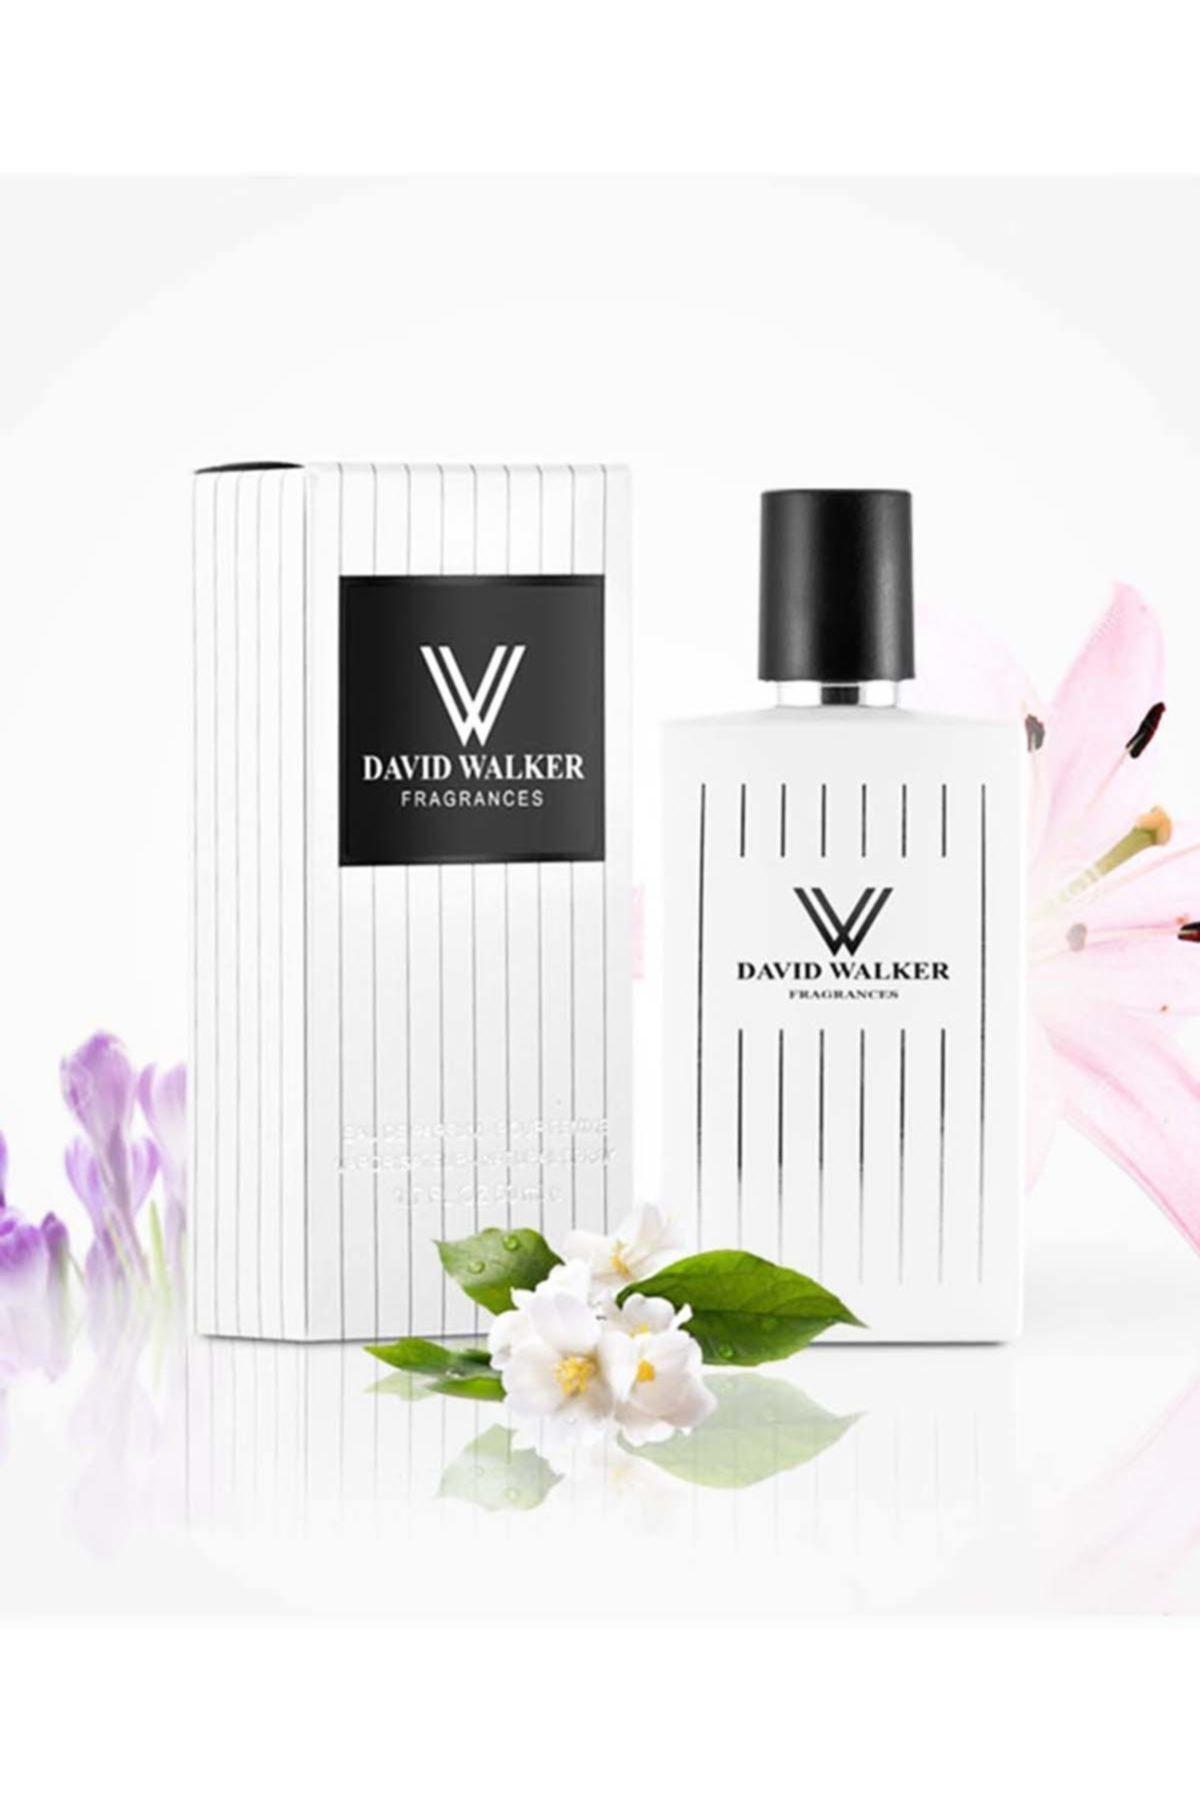 David Walker Tragedı B184 50ml Ferah&çiçek Kadın Parfüm 1